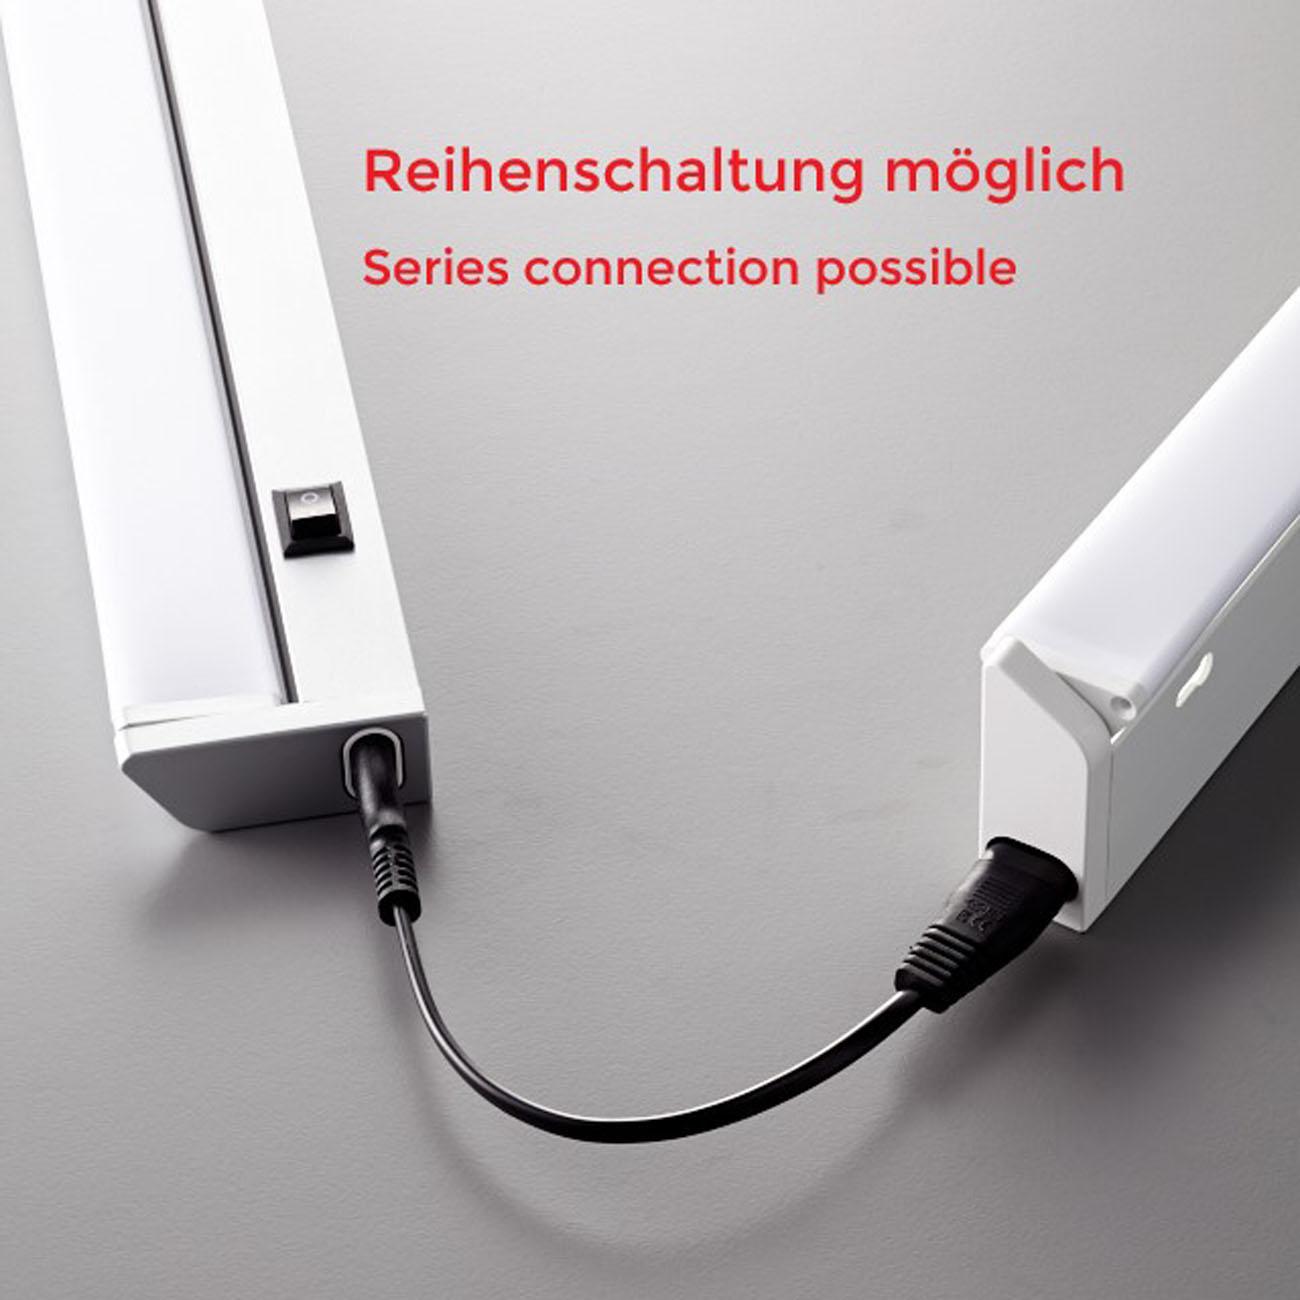 LED Schrankleuchte Unterbauleuchte silber-grau - 8